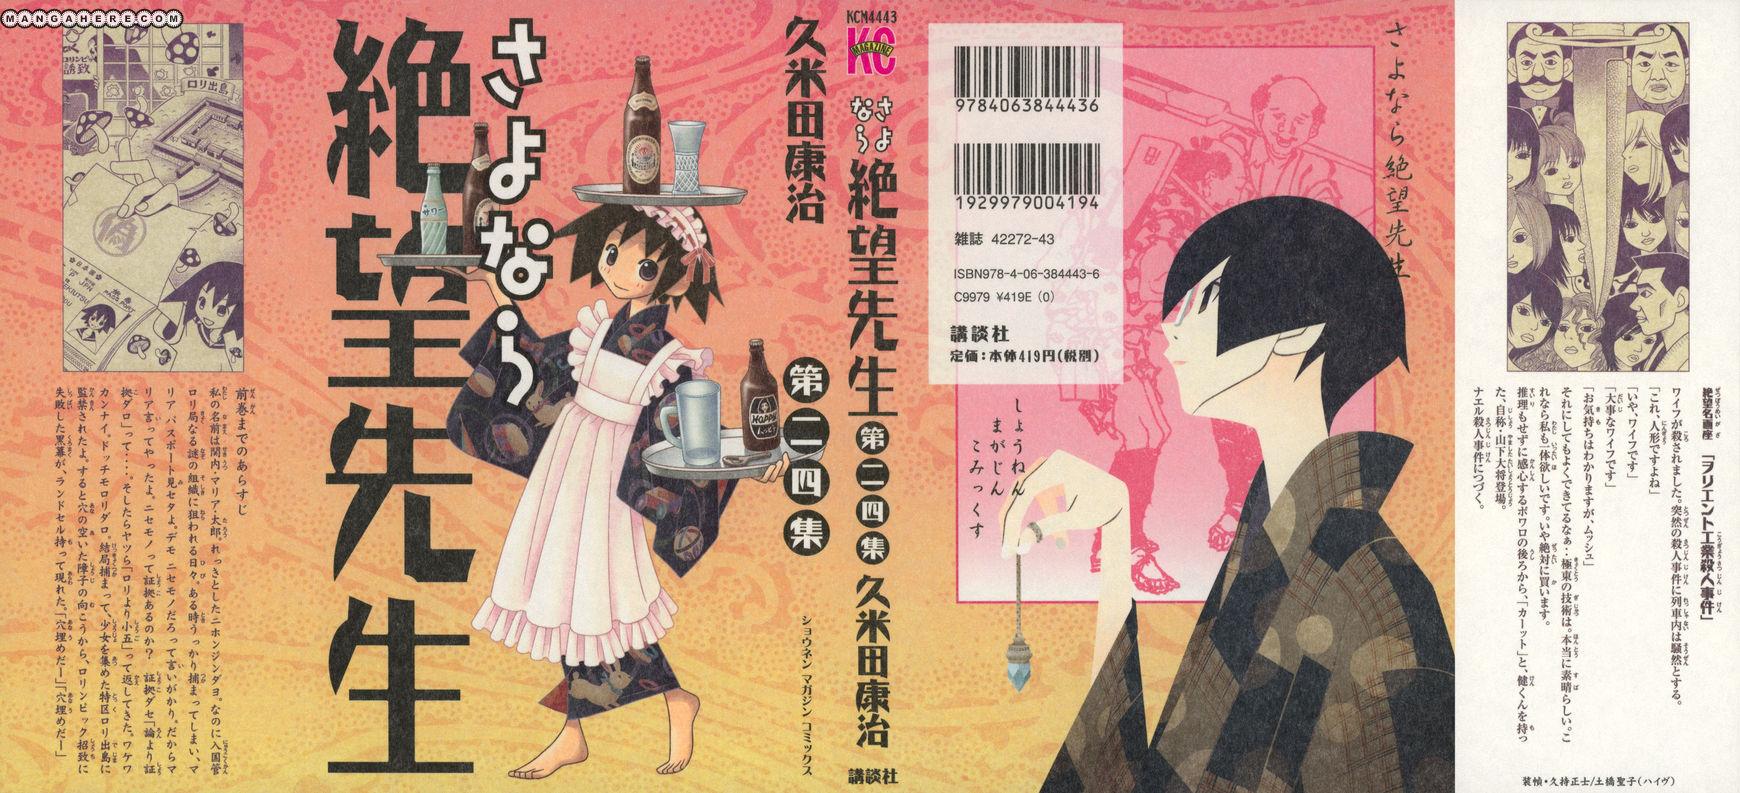 Sayonara Zetsubou Sensei 231 Page 1